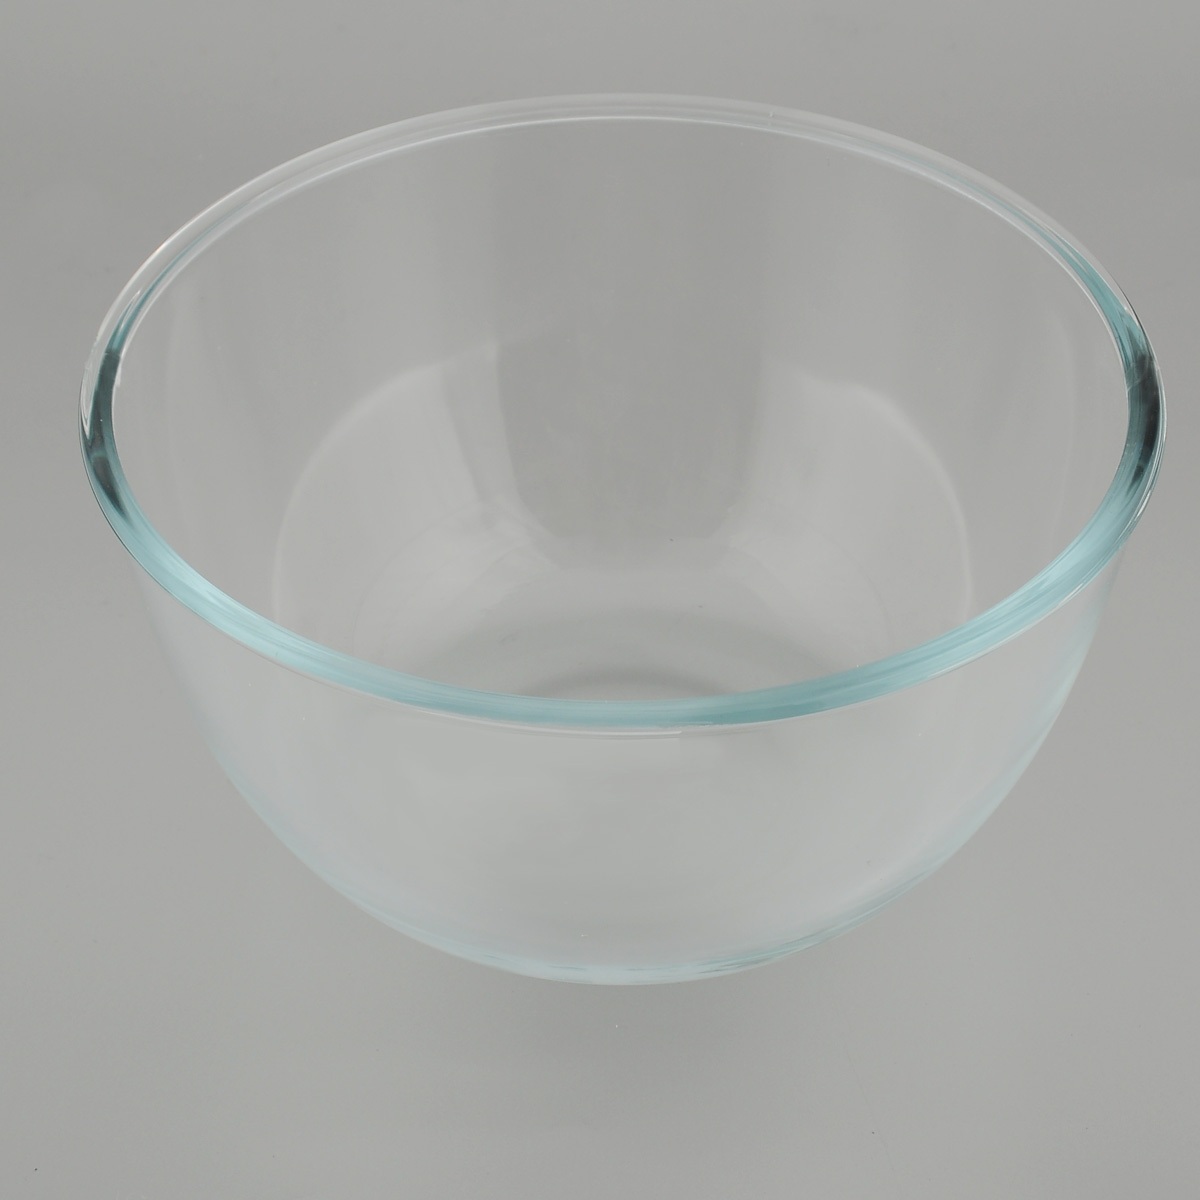 Форма для запекания Mijotex, круглая, диаметр 20 смMB14Глубокая круглая форма для запекания Mijotex изготовлена из жаропрочного стекла, которое выдерживает температуру до +450°С. Форма предназначена для приготовления горячих блюд. Материал изделия гигиеничен, прост в уходе и обладает высокой степенью прочности.Форма идеально подходит для использования в духовках, микроволновых печах, холодильниках и морозильных камерах. Также ее можно использовать на газовых плитах (на слабом огне) и на электроплитах. Можно мыть в посудомоечной машине. Диаметр формы: 20 см. Высота стенки формы: 10 см.